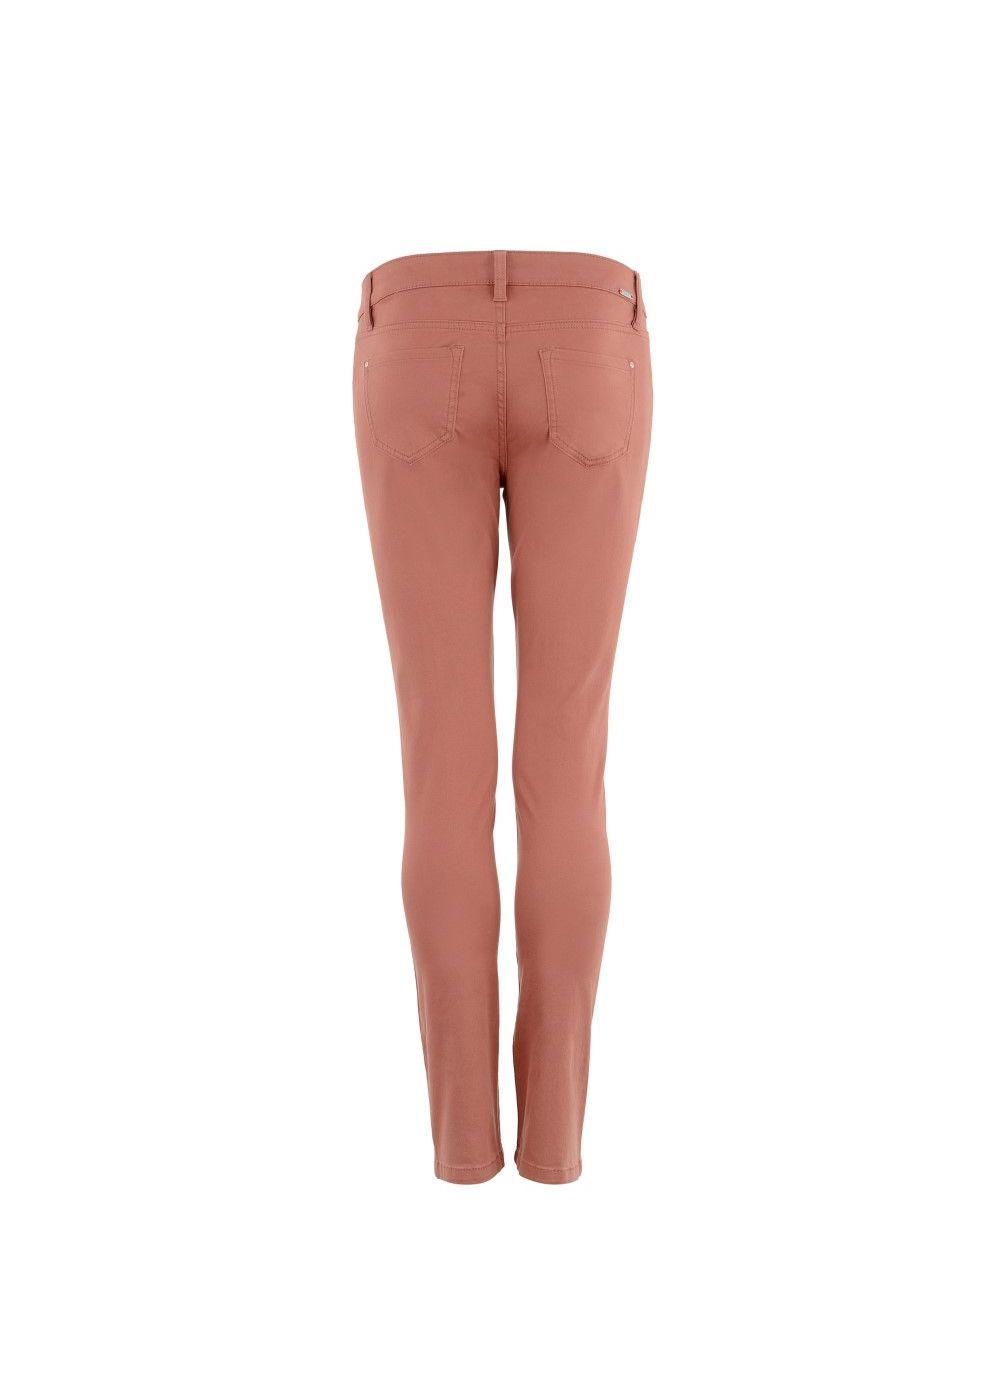 Spodnie damskie SPODT-0008-31(W17)